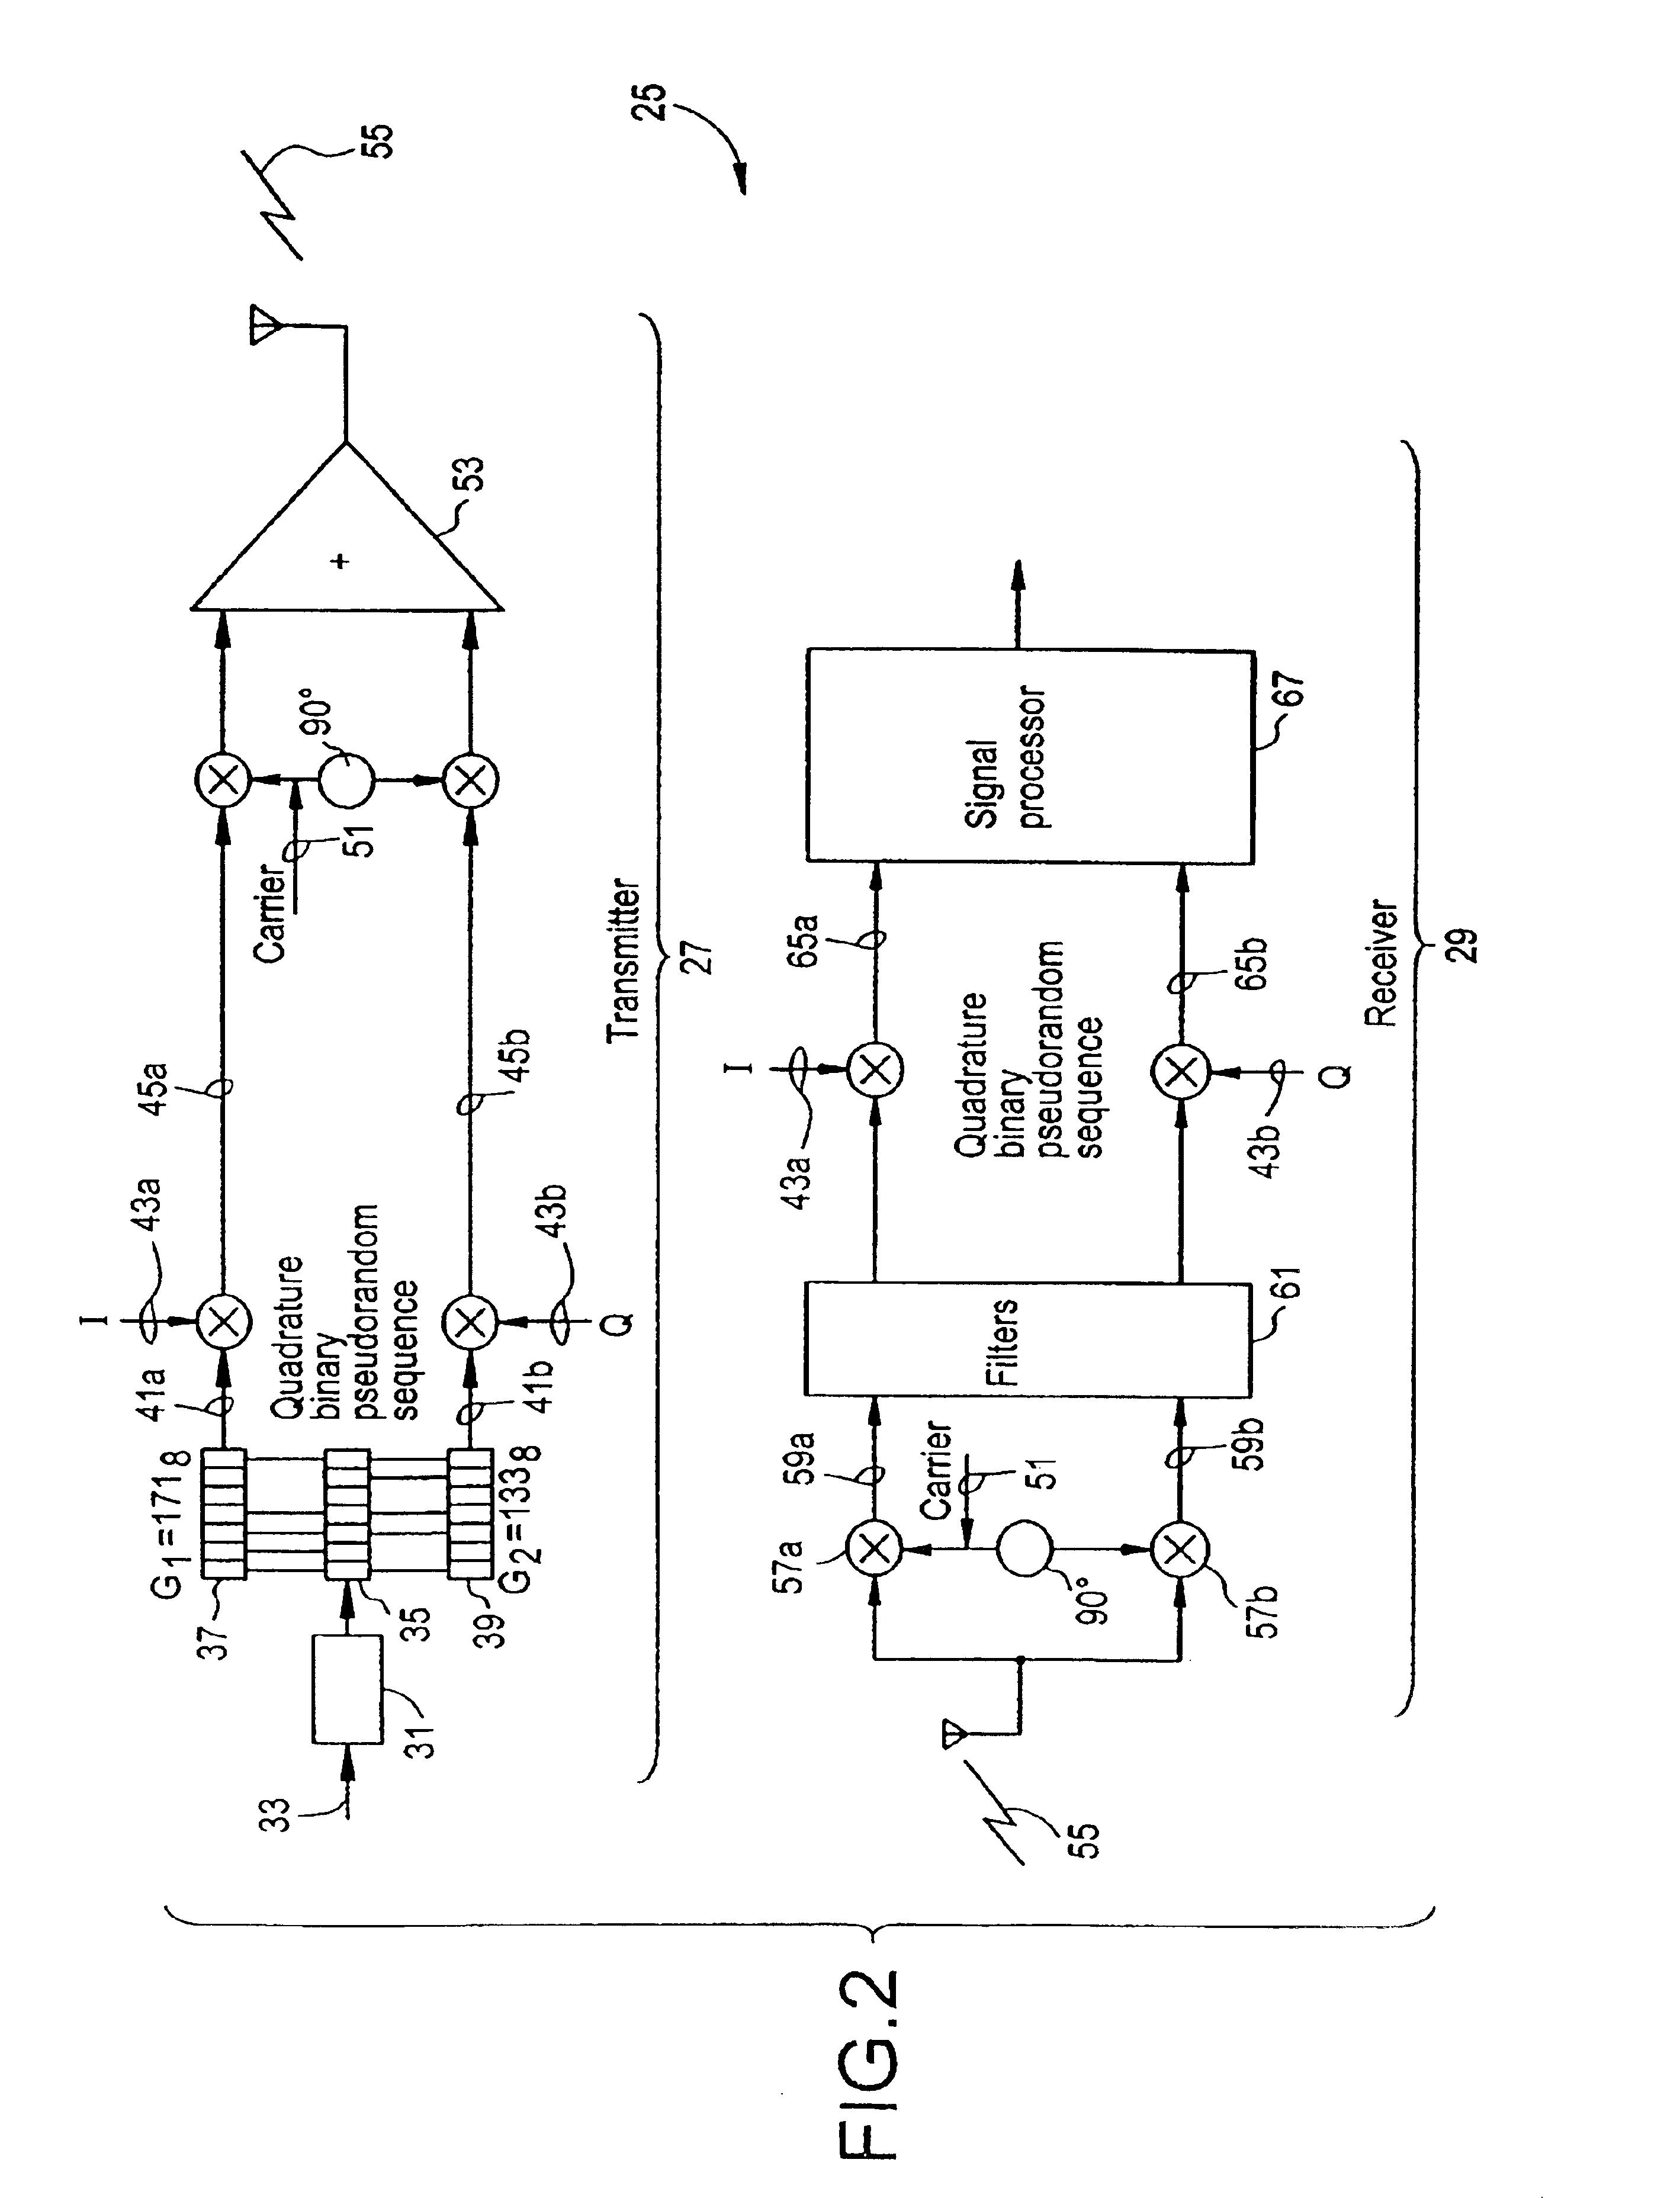 audio mixer block diagram